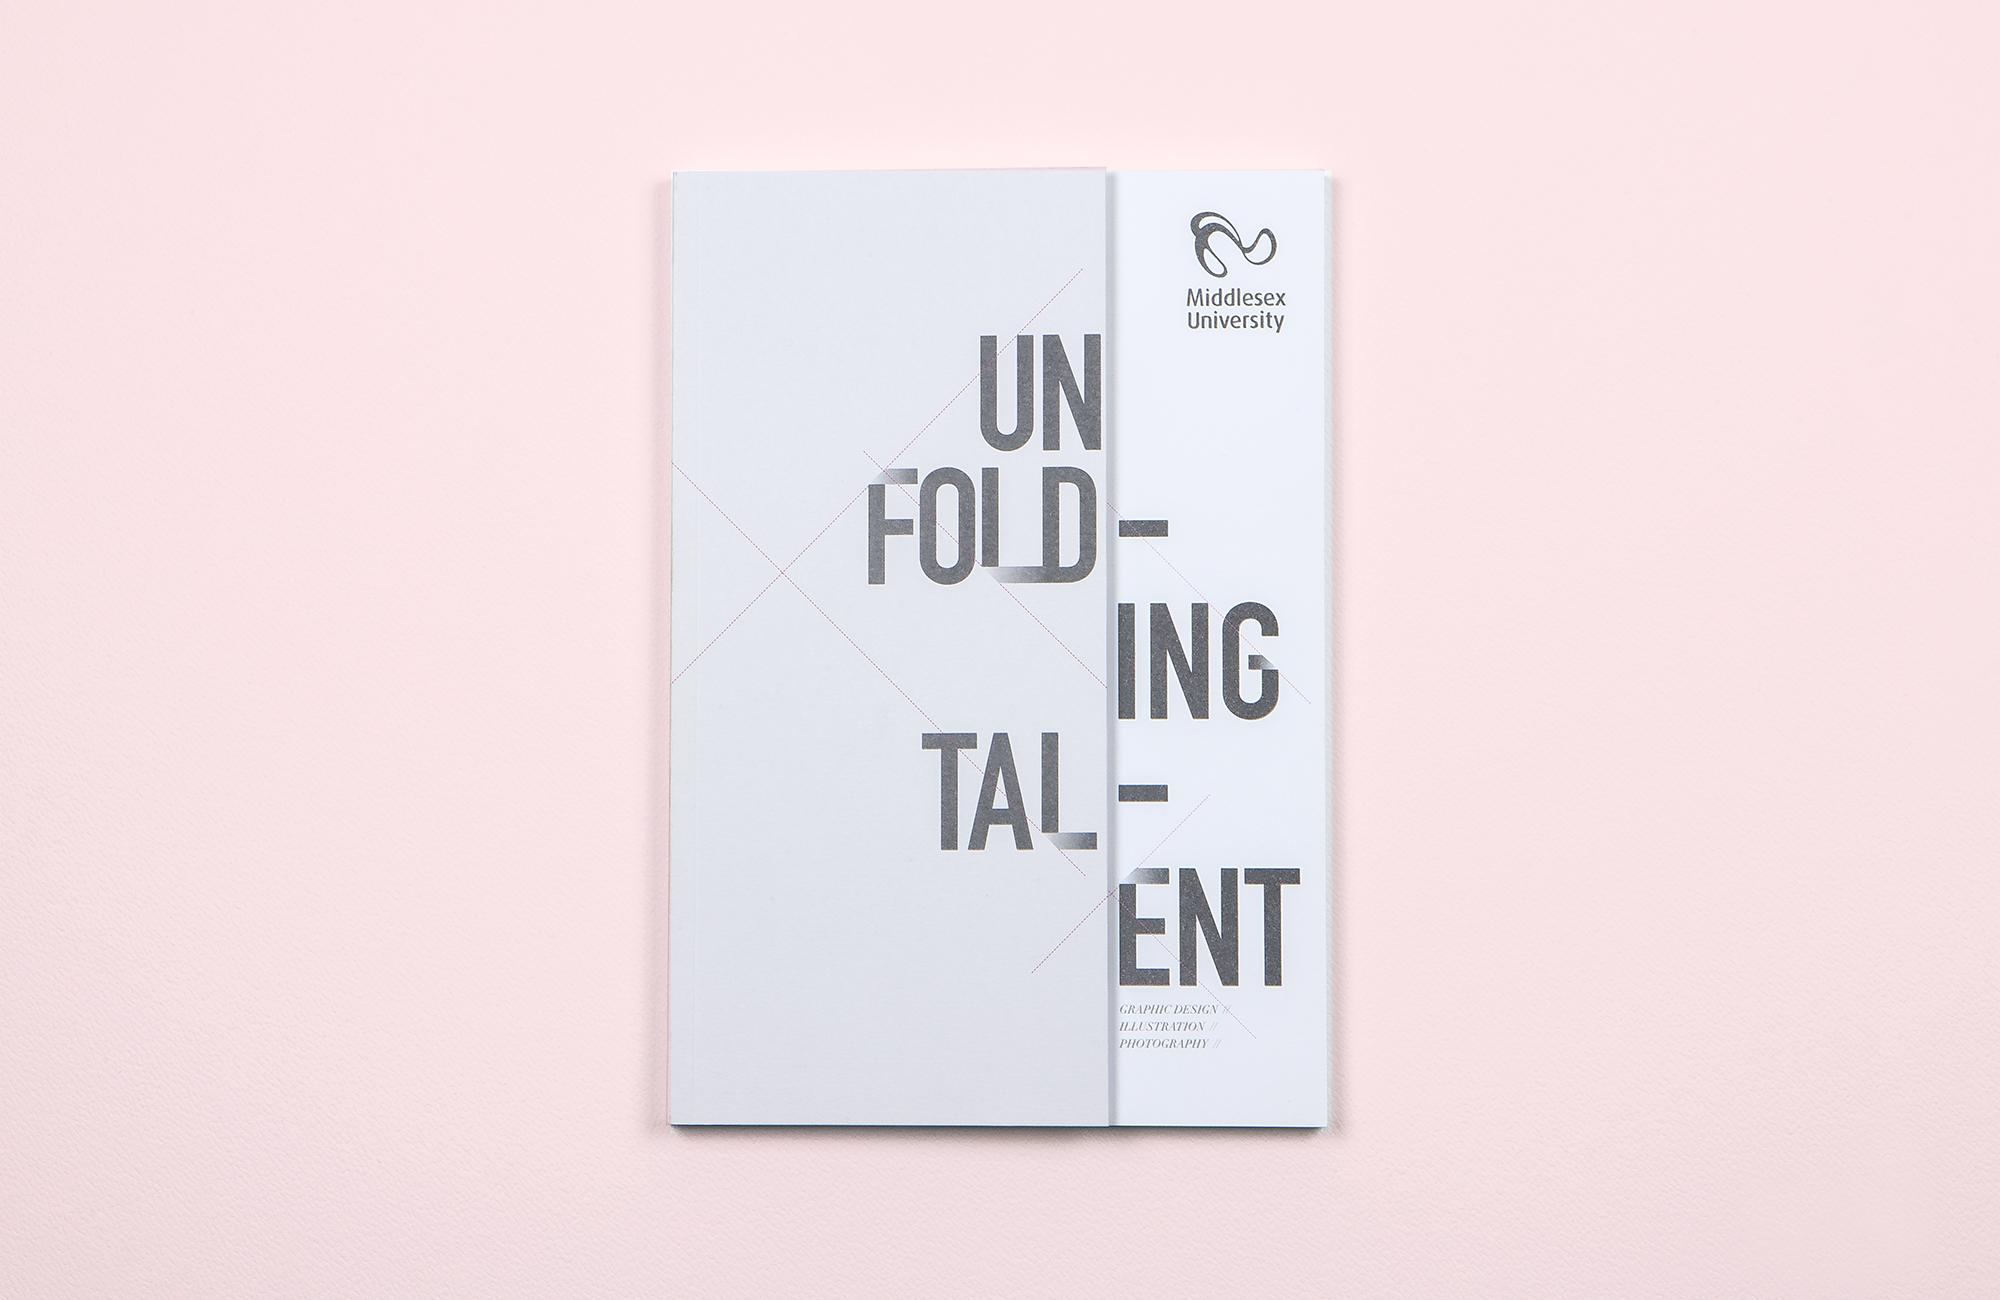 All Works Co._Graphic_Design_Studio_London_UnfoldingTalent_Print_Arts_Catalogue_02